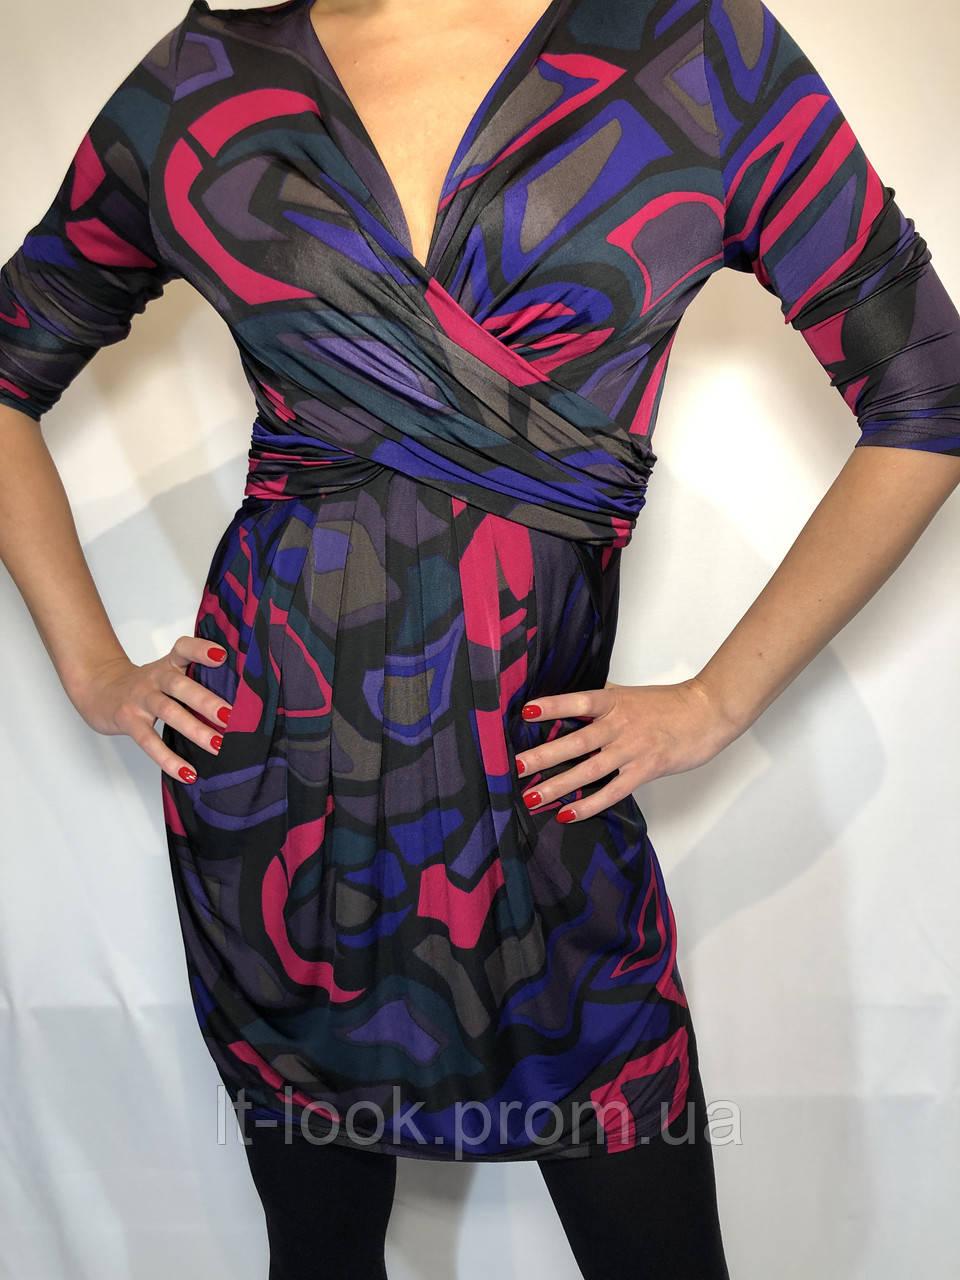 1d170d64ef4 Платье туника цветное люкс бренда